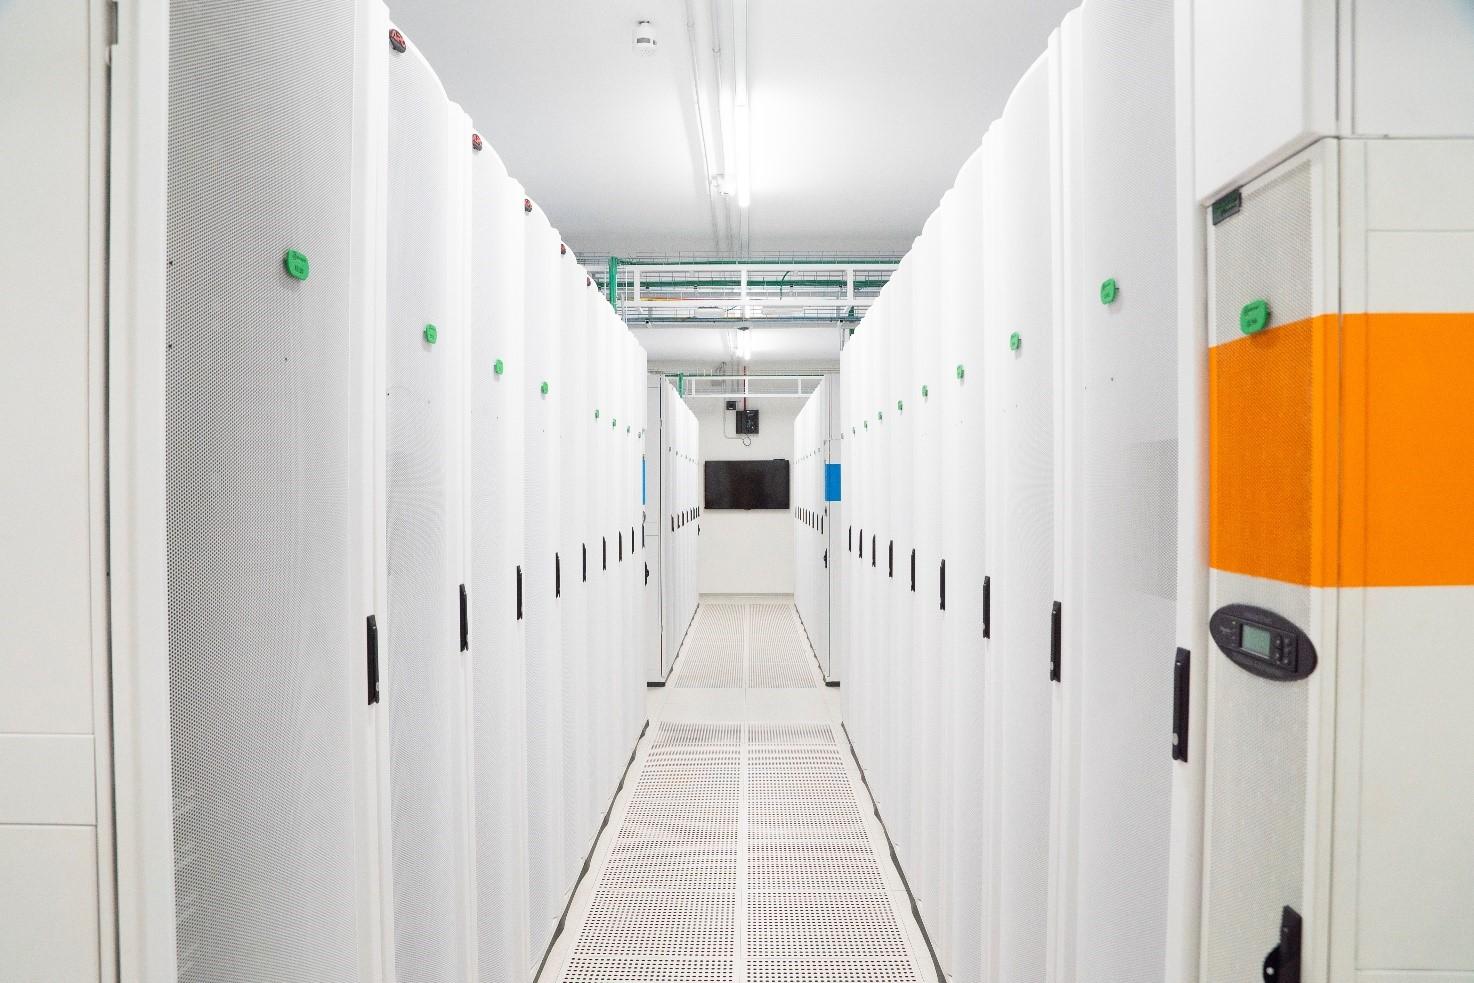 Green Data Center - White Room